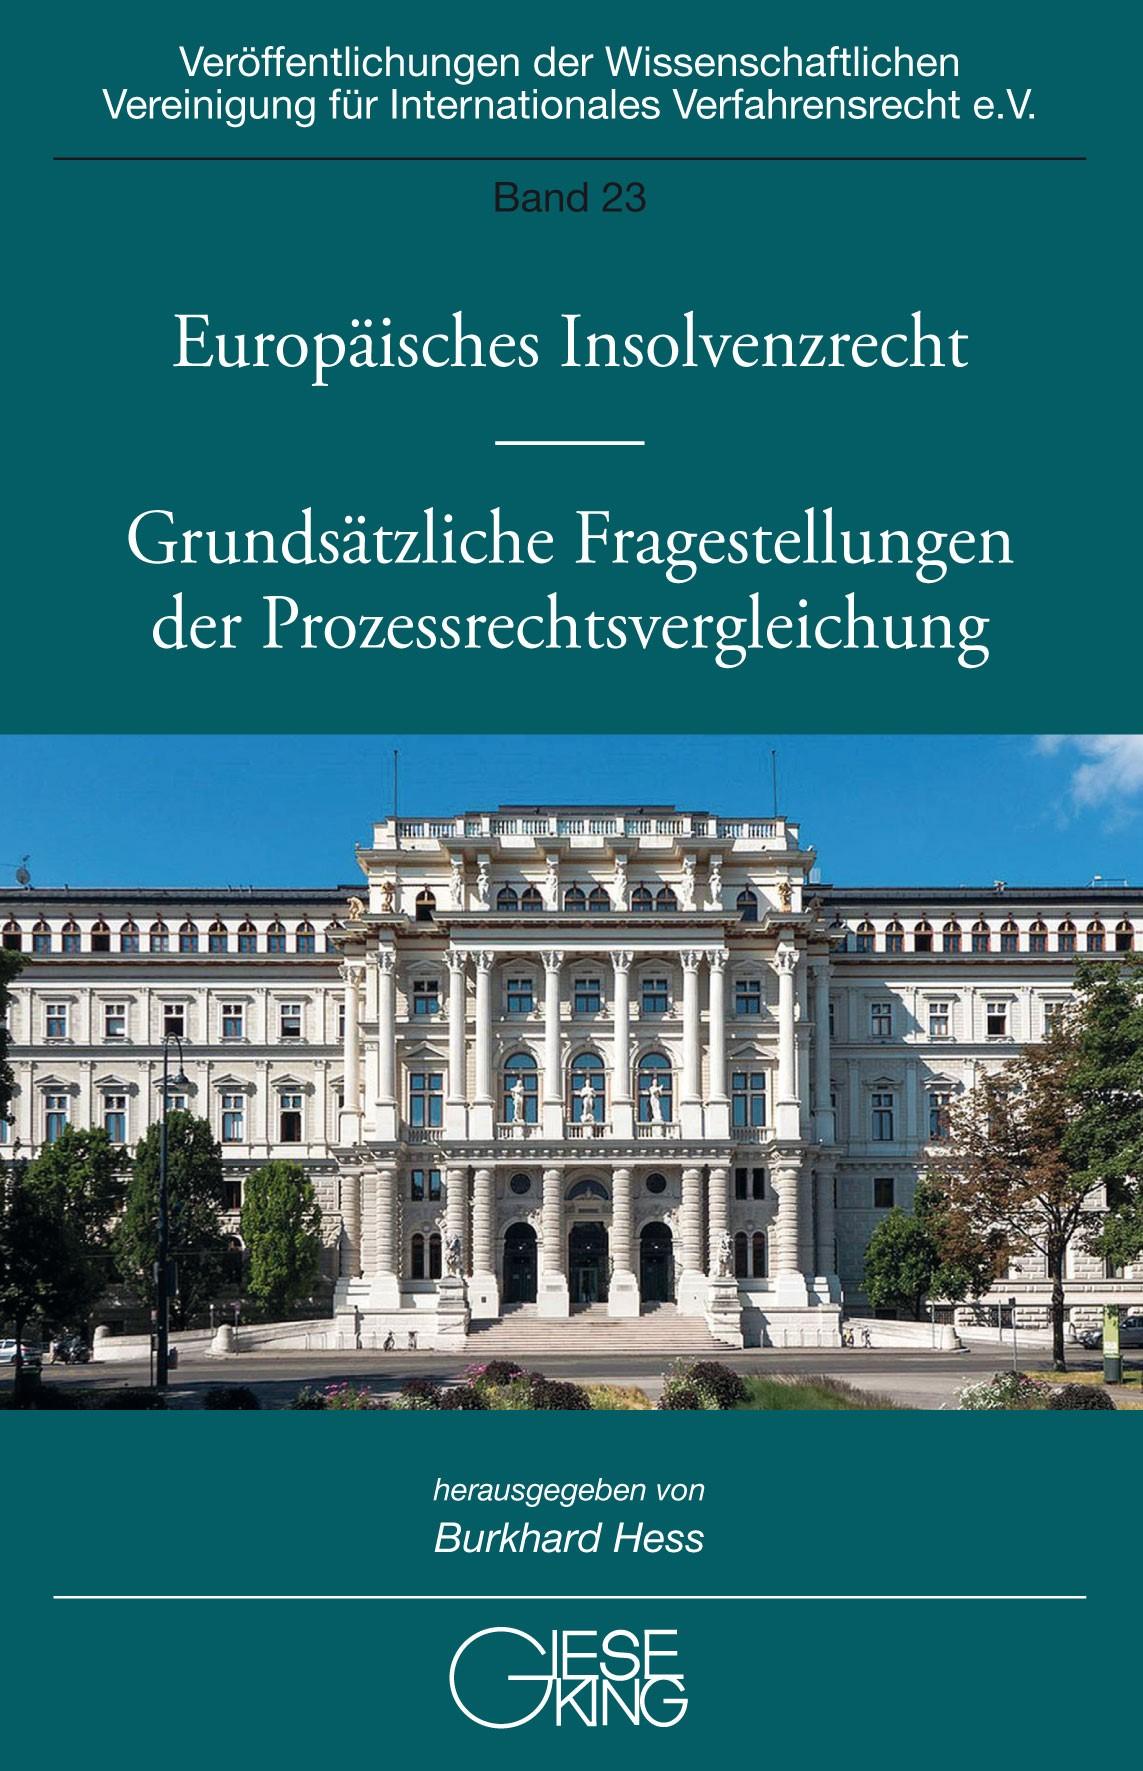 Abbildung von Hess (Hrsg.)   Europäisches Insolvenzrecht – Grundsätzliche Fragestellungen der Prozessrechtsvergleichung   2019